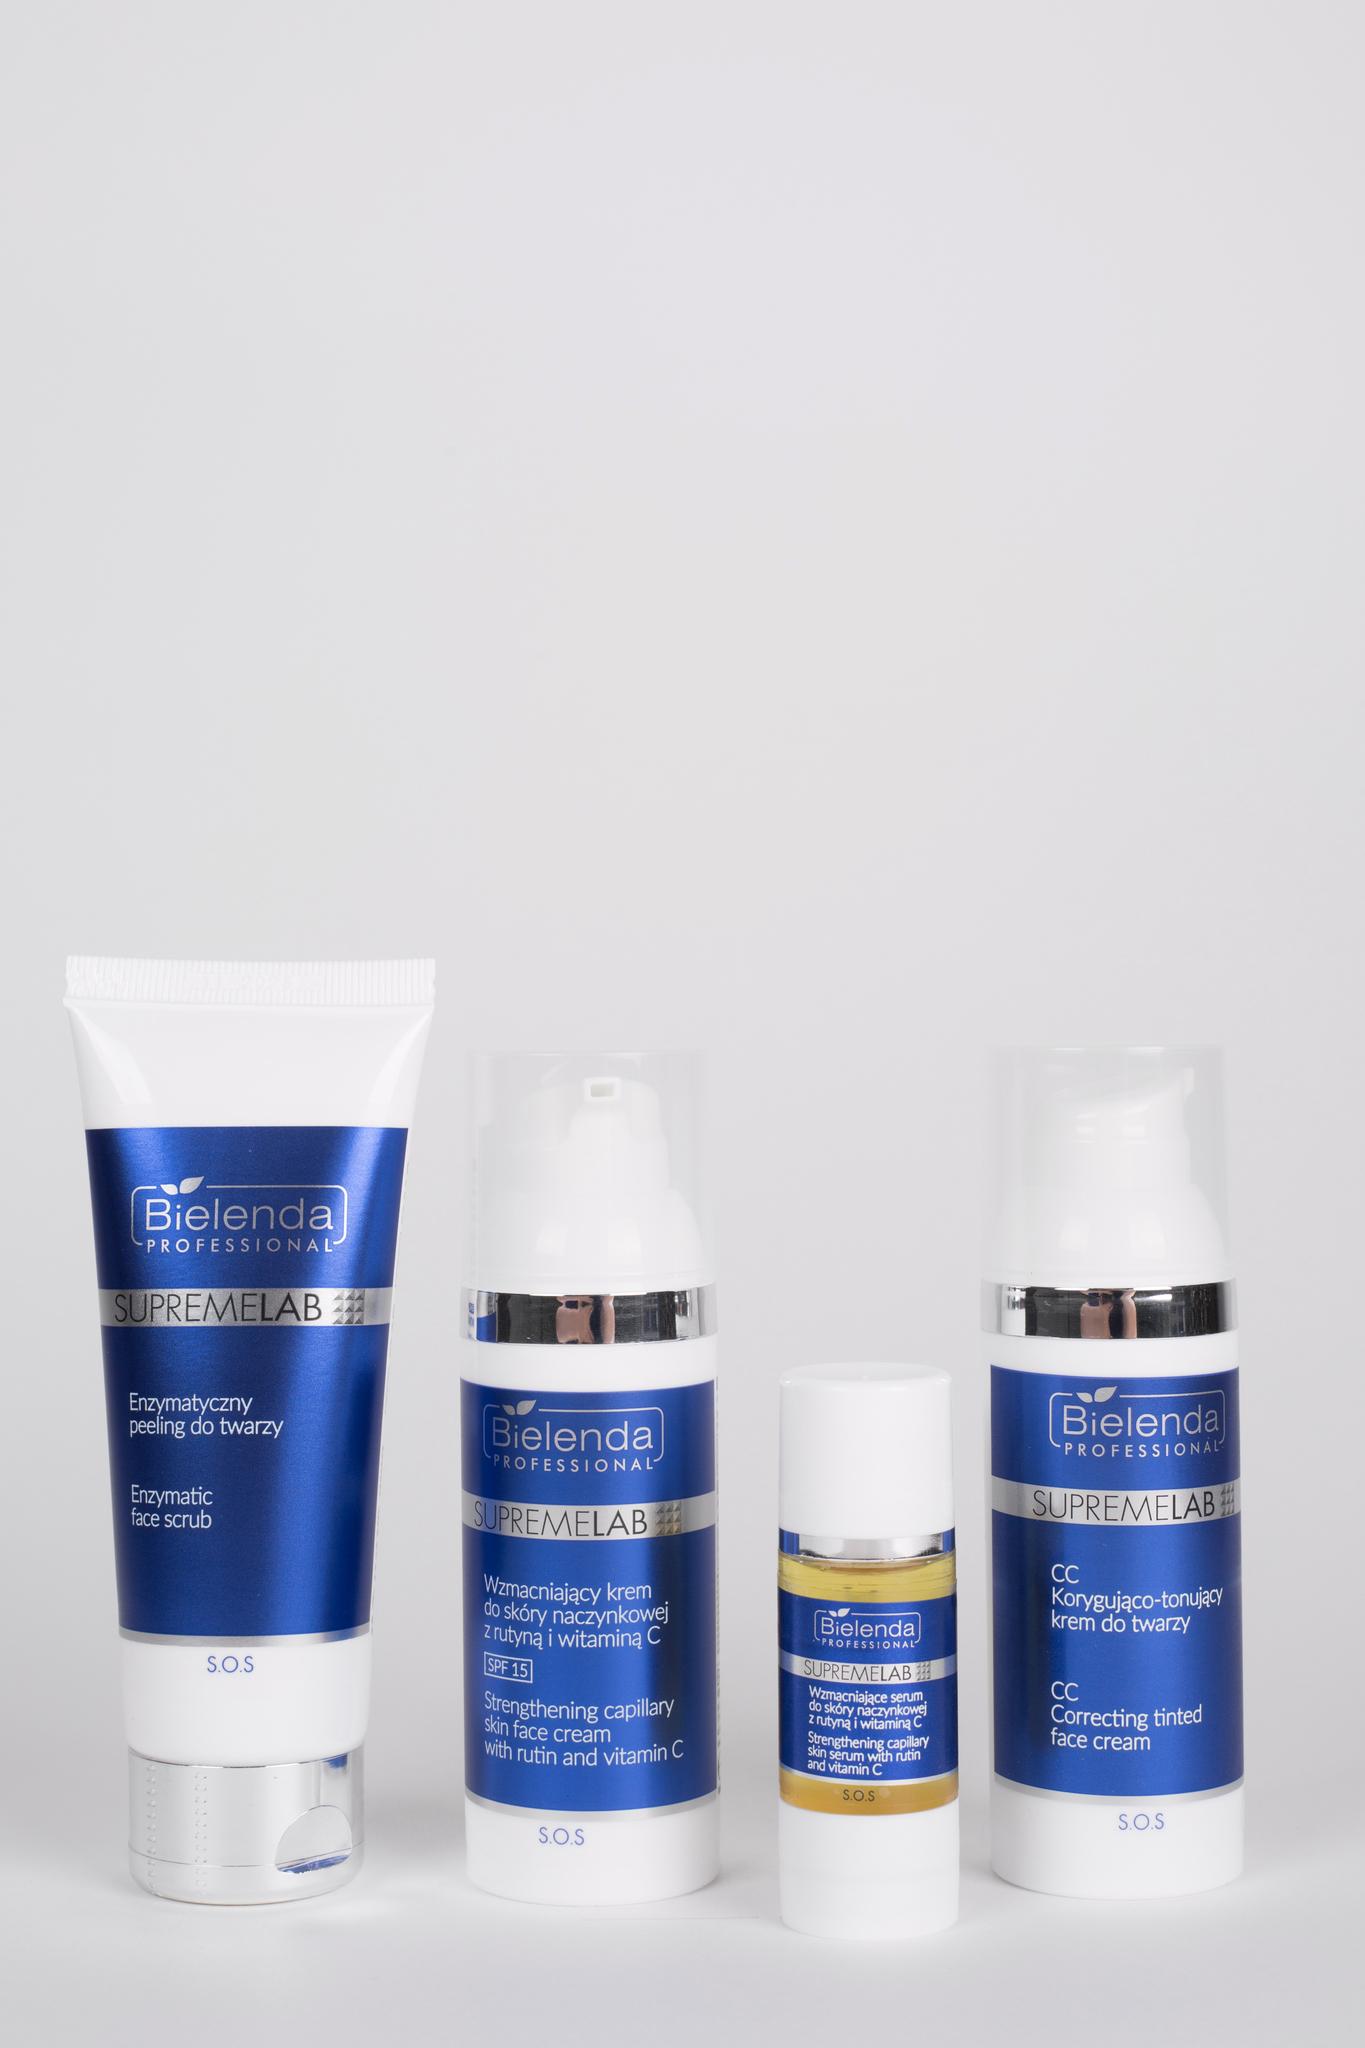 S.O.S Укрепляющая сыворотка для куперозной кожи с рутином и витамином С, 15 мл.